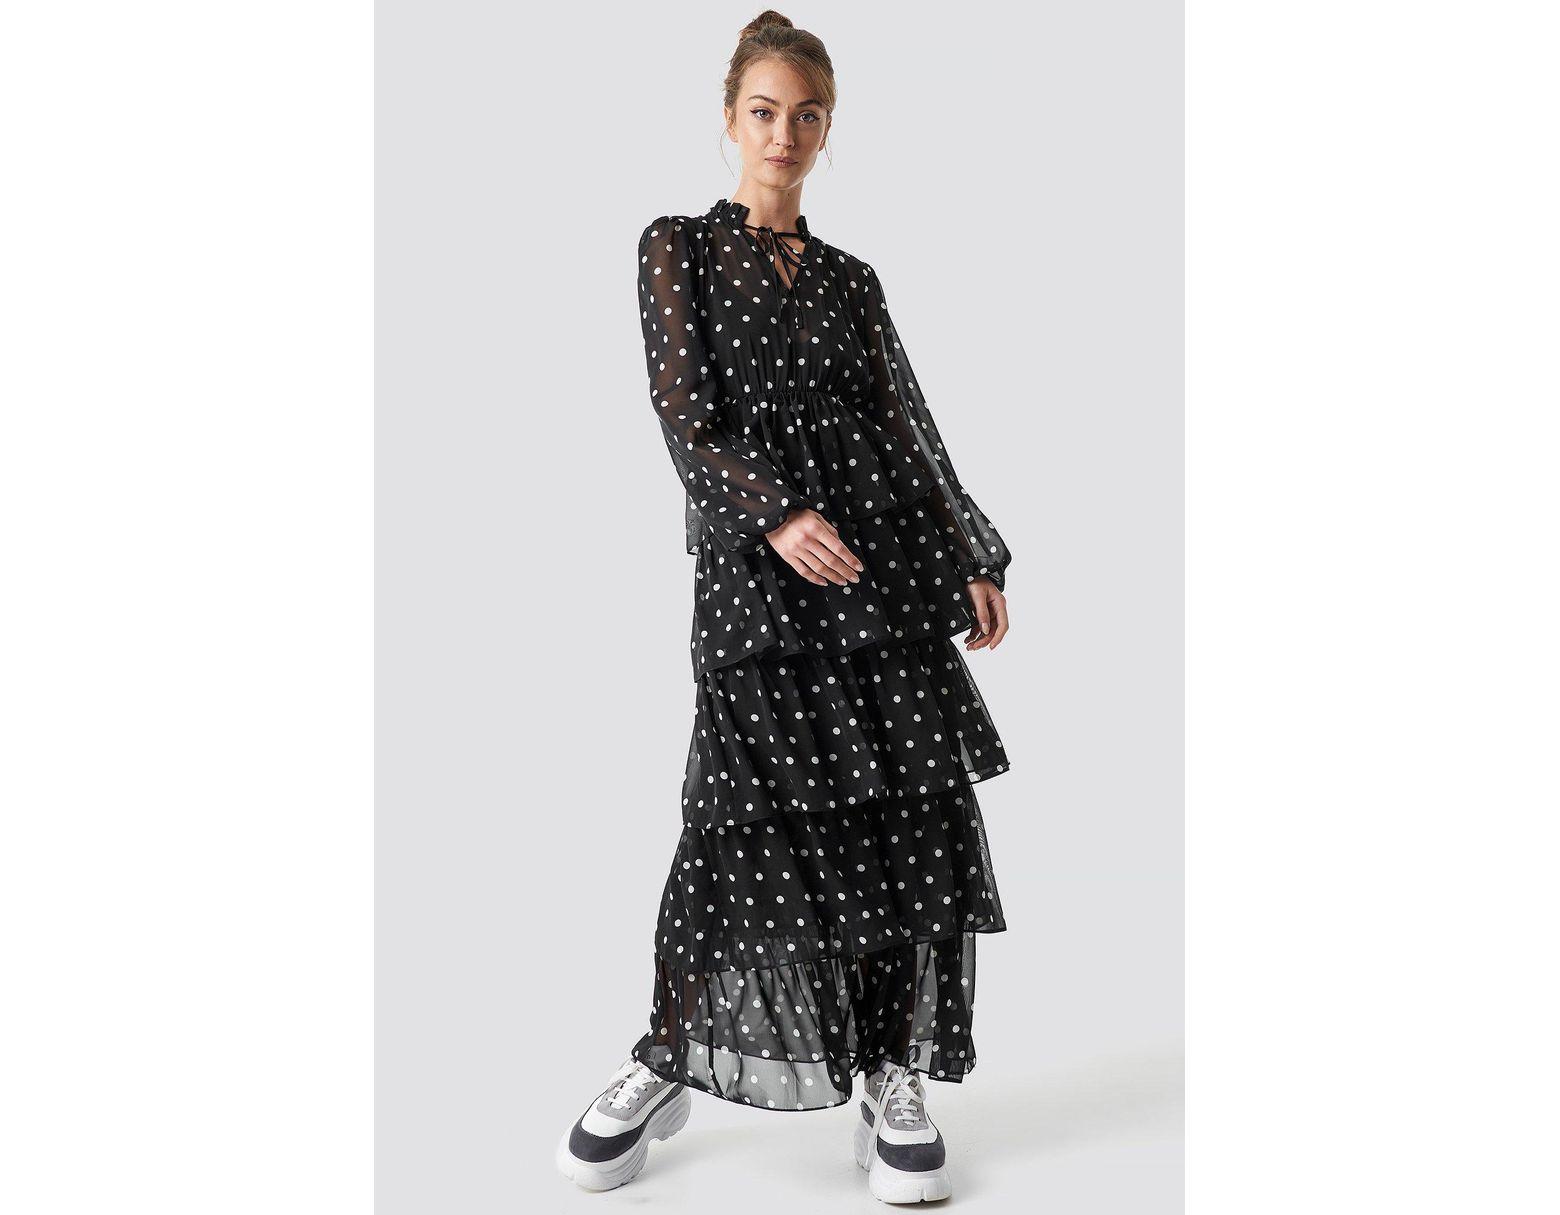 9d7105da54 NA-KD Dotted Frilled Maxi Dress Black in Black - Lyst